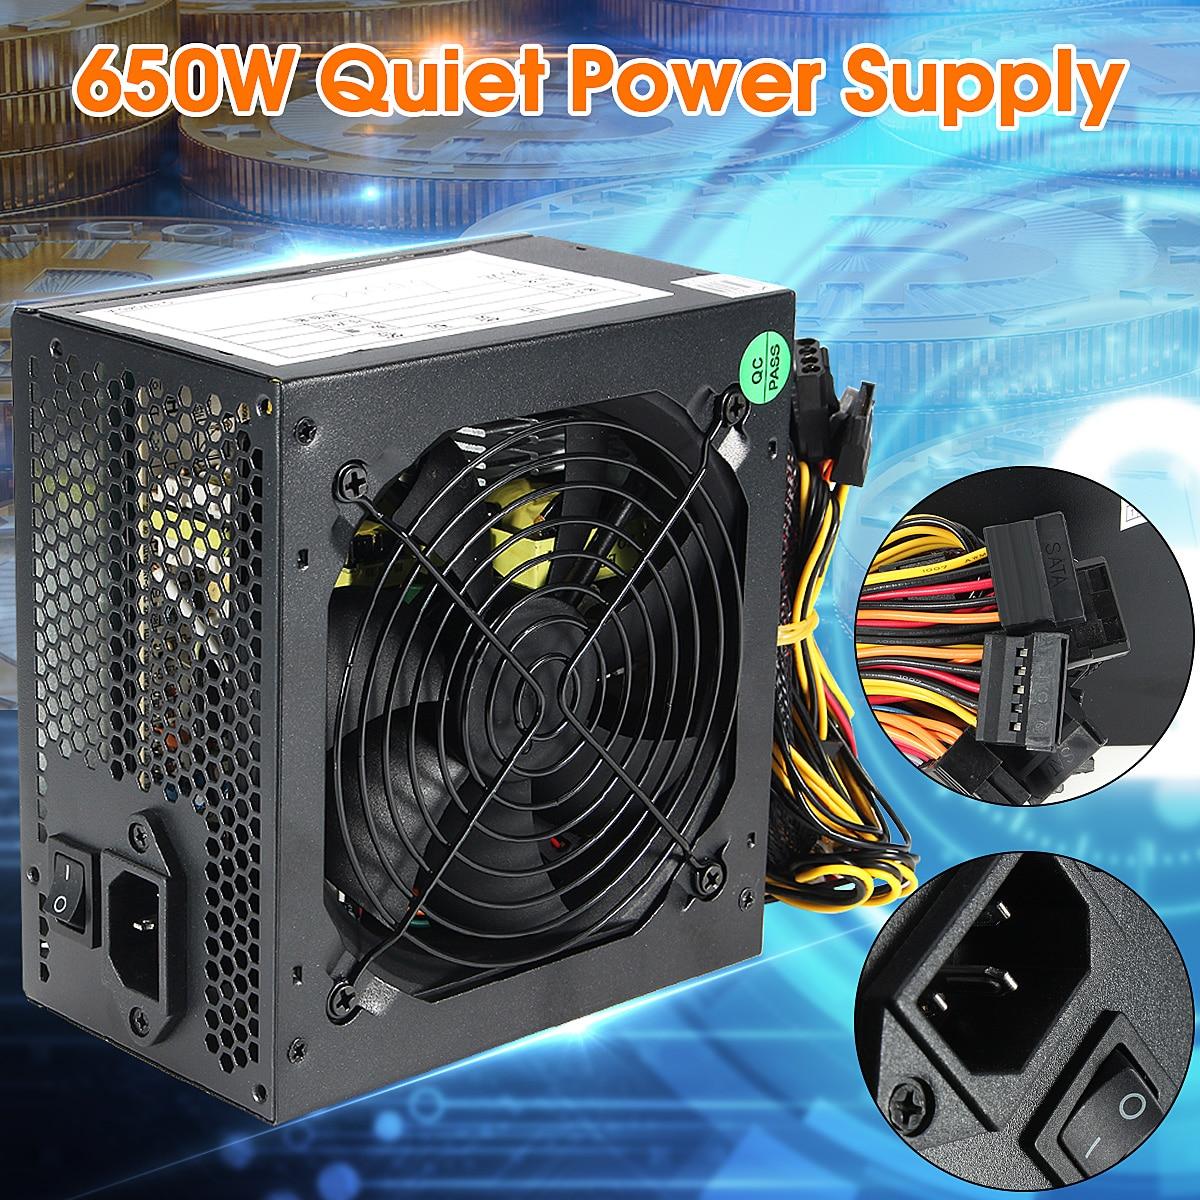 600W PC alimentation PSU noir Gaming silencieux 120mm ventilateur 20/24pin 12V ATX nouveau ordinateur alimentation pour BTC